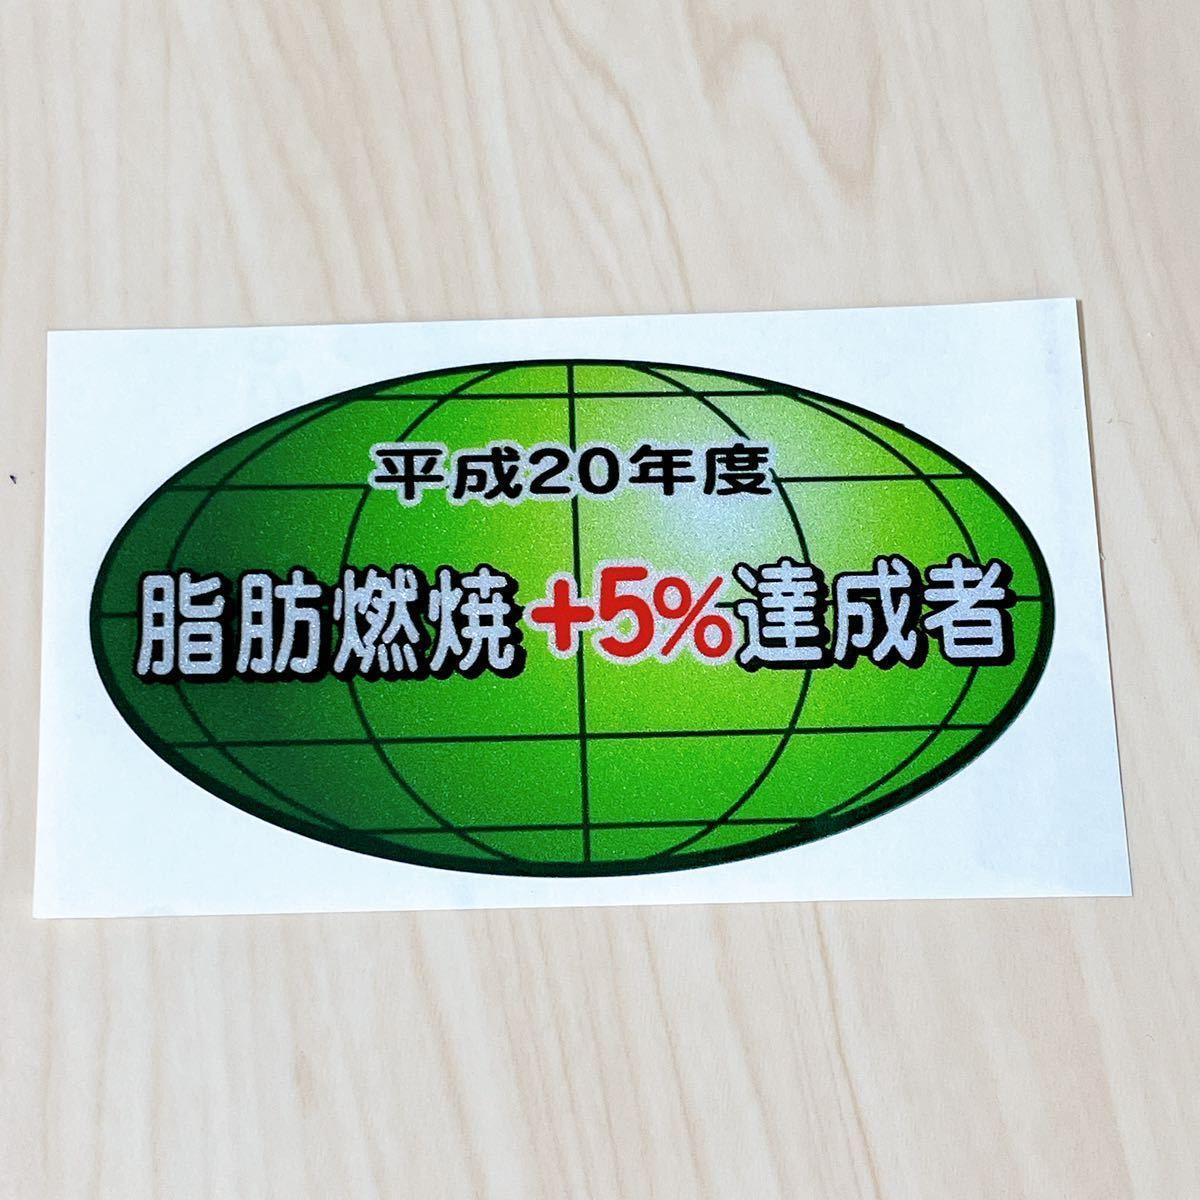 パロディステッカー リアガラスステッカー 【脂肪燃焼+5%達成者】低燃費ステッカー_画像1